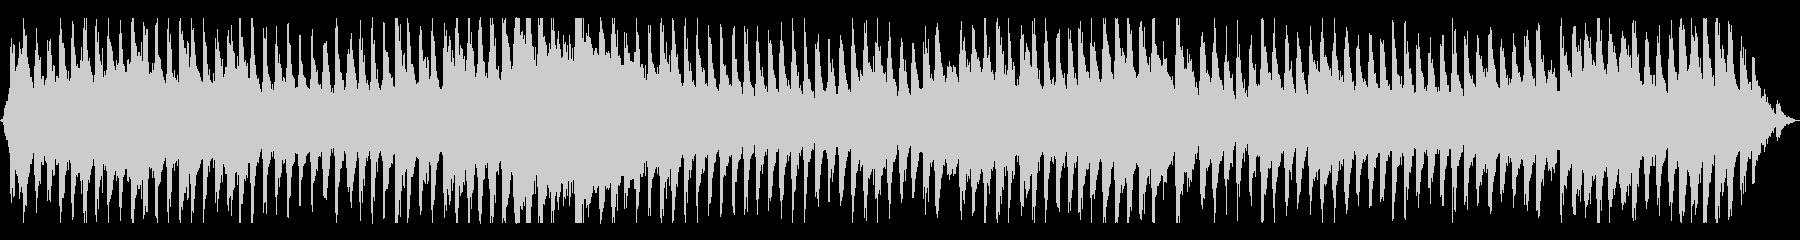 迫りくるガーンガーンという金属音2の未再生の波形